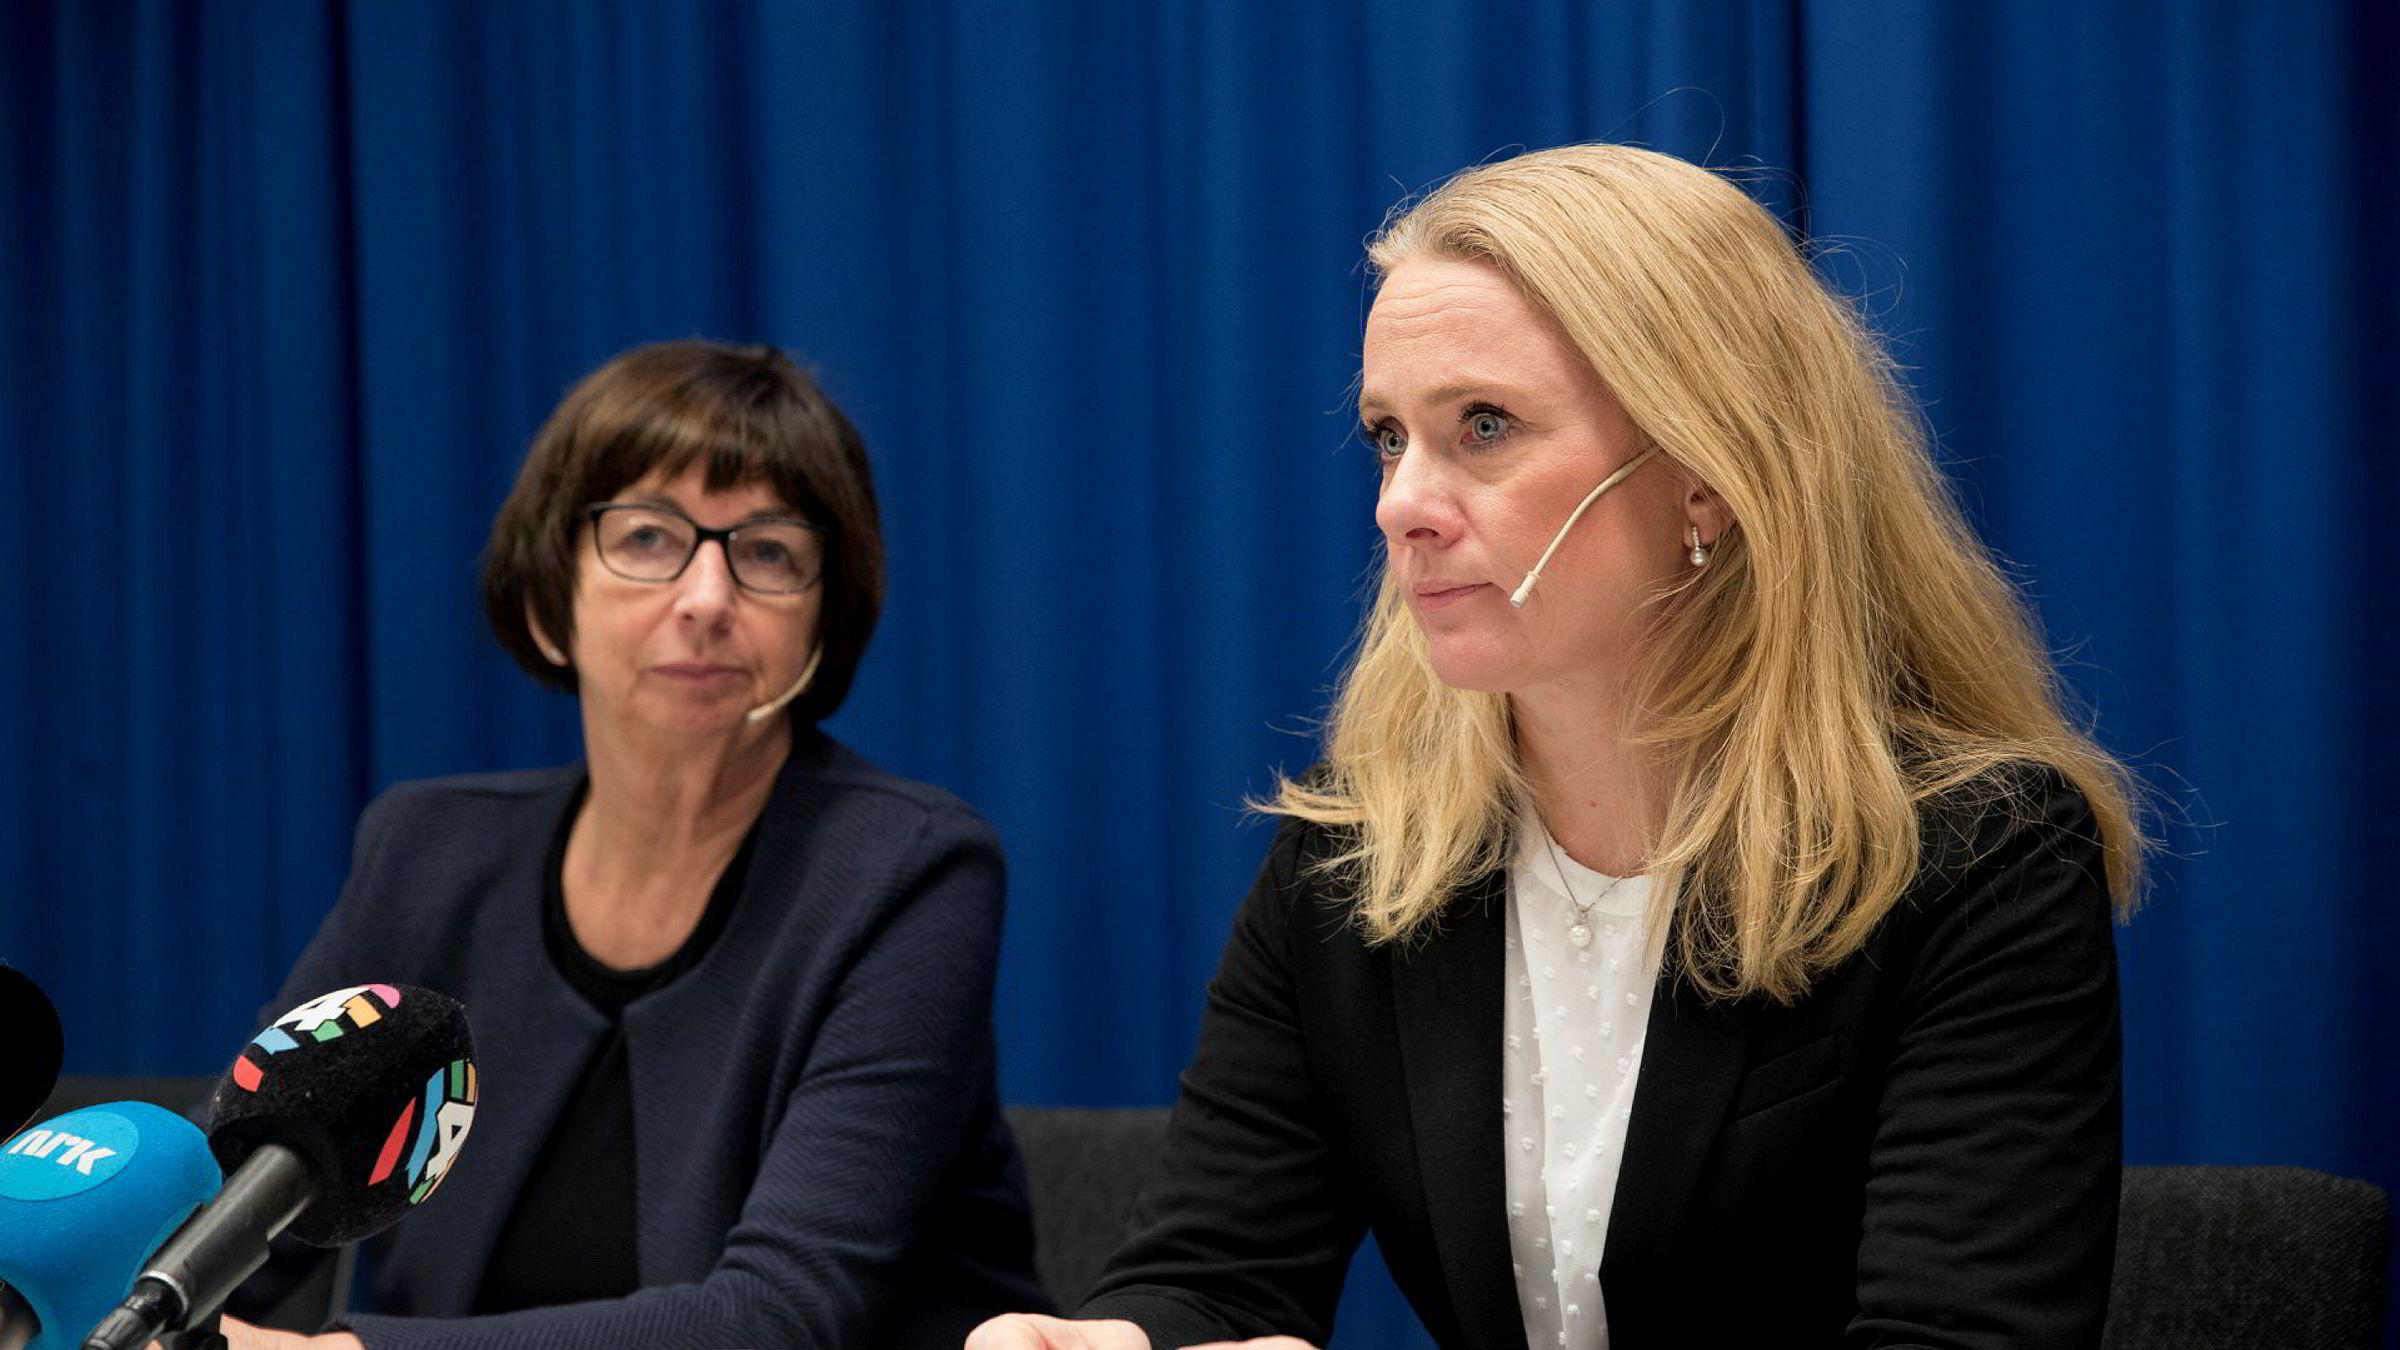 Arbeids og sosialminister Anniken Hauglie (H) og Nav-direktør Sigrun Vågeng tv. holder pressekonferanse om retten til å ta med seg trygd til andre EØS-land har vært praktisert feil.